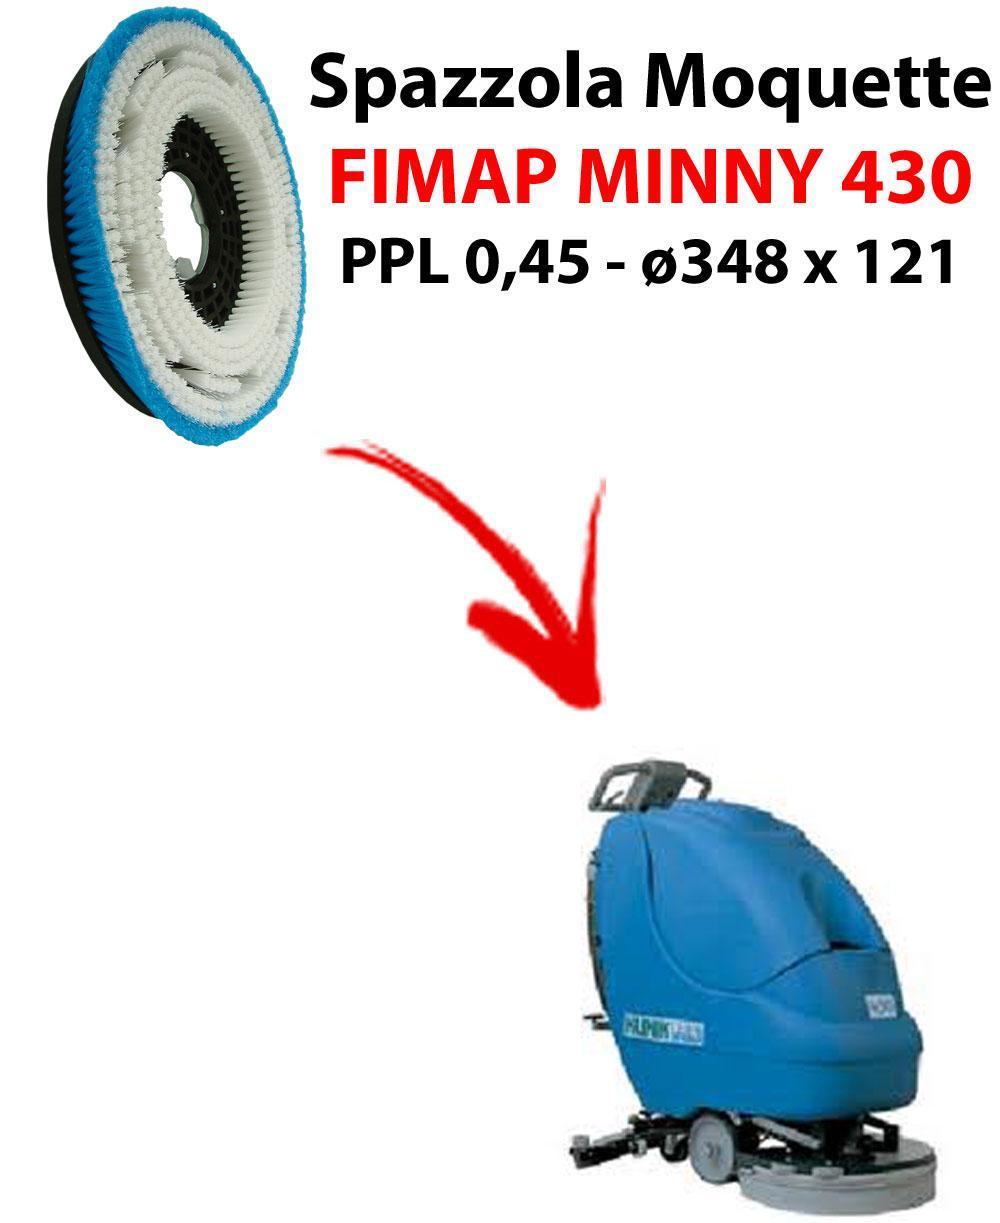 MINNY 430 Bürsten moquette für scheuersaugmaschinen FIMAP